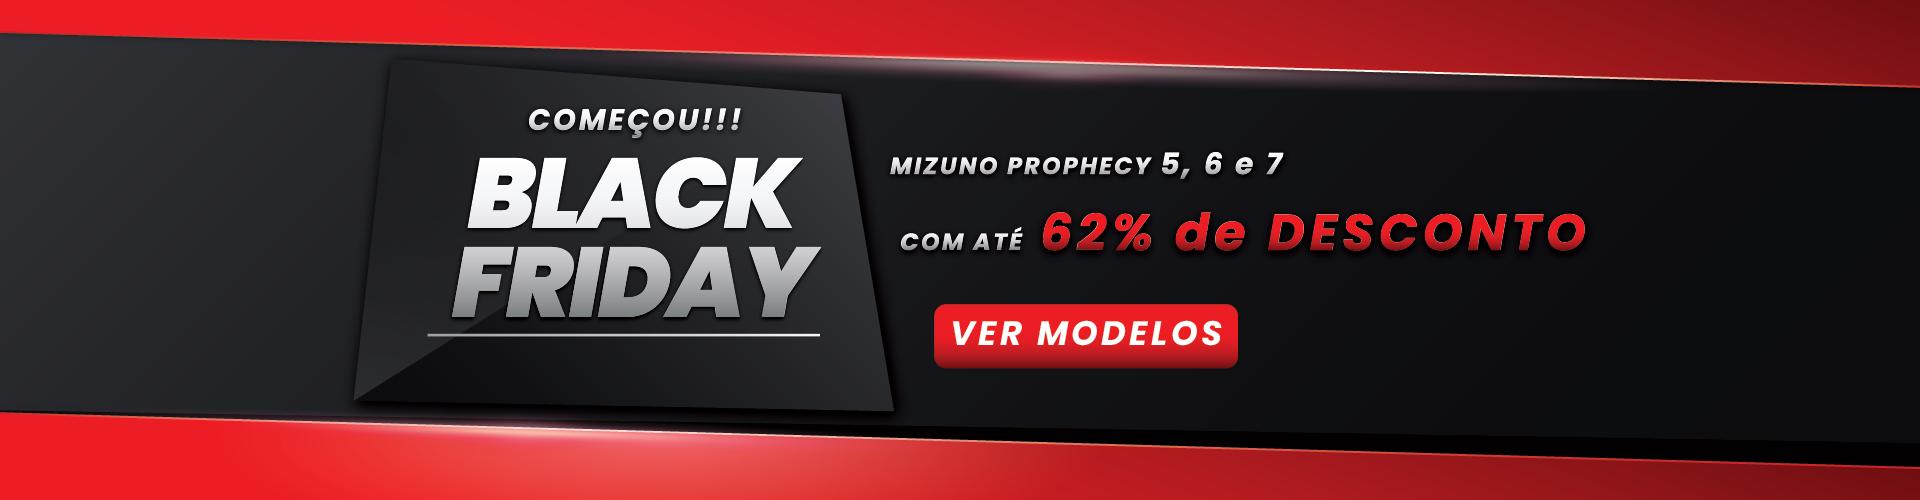 Black_Friday_19_VT